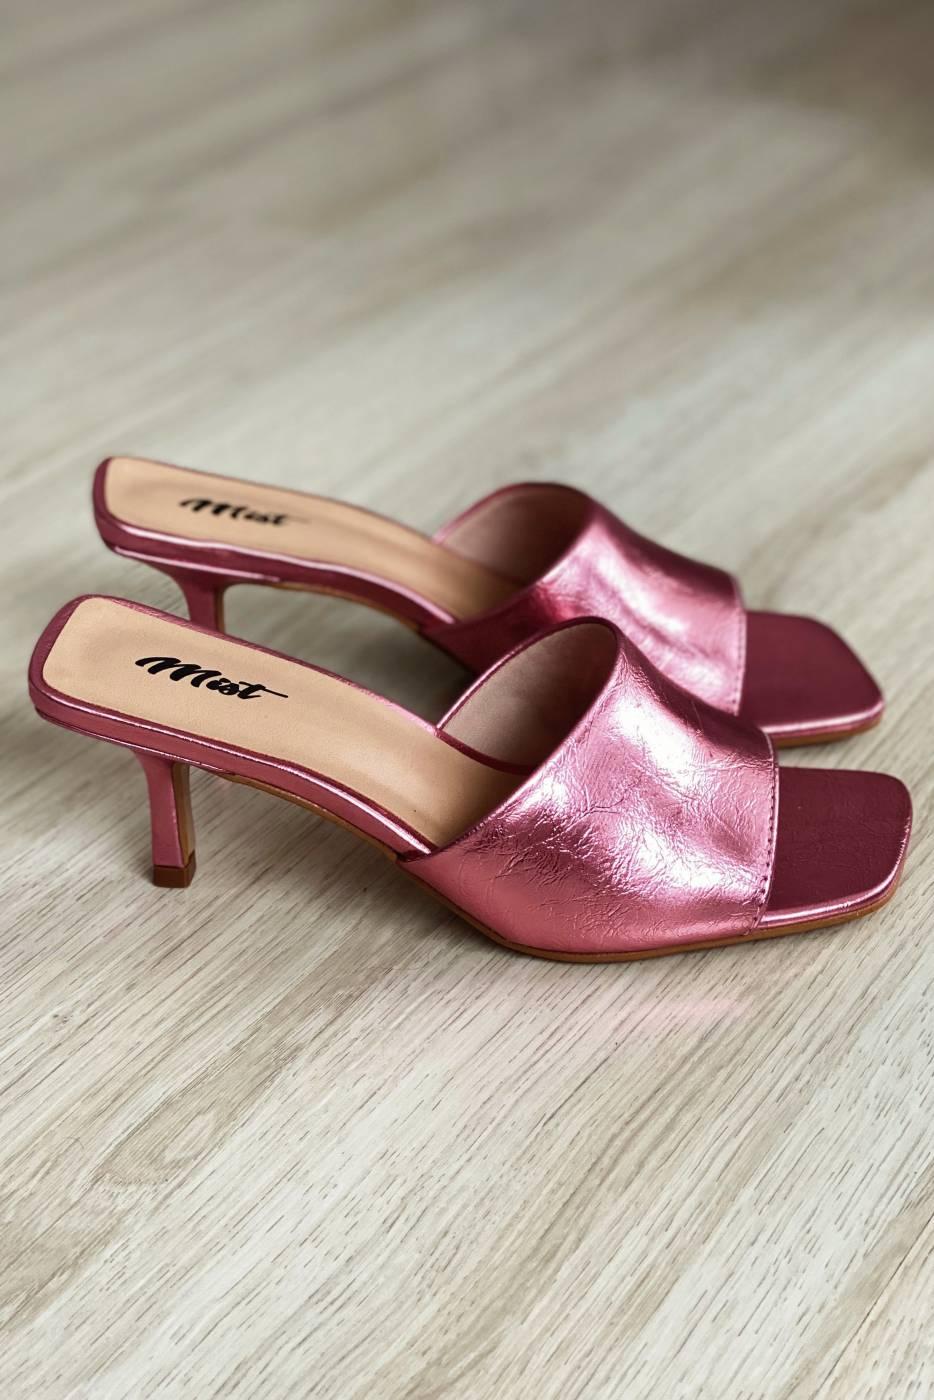 Tamanco Cami Pink